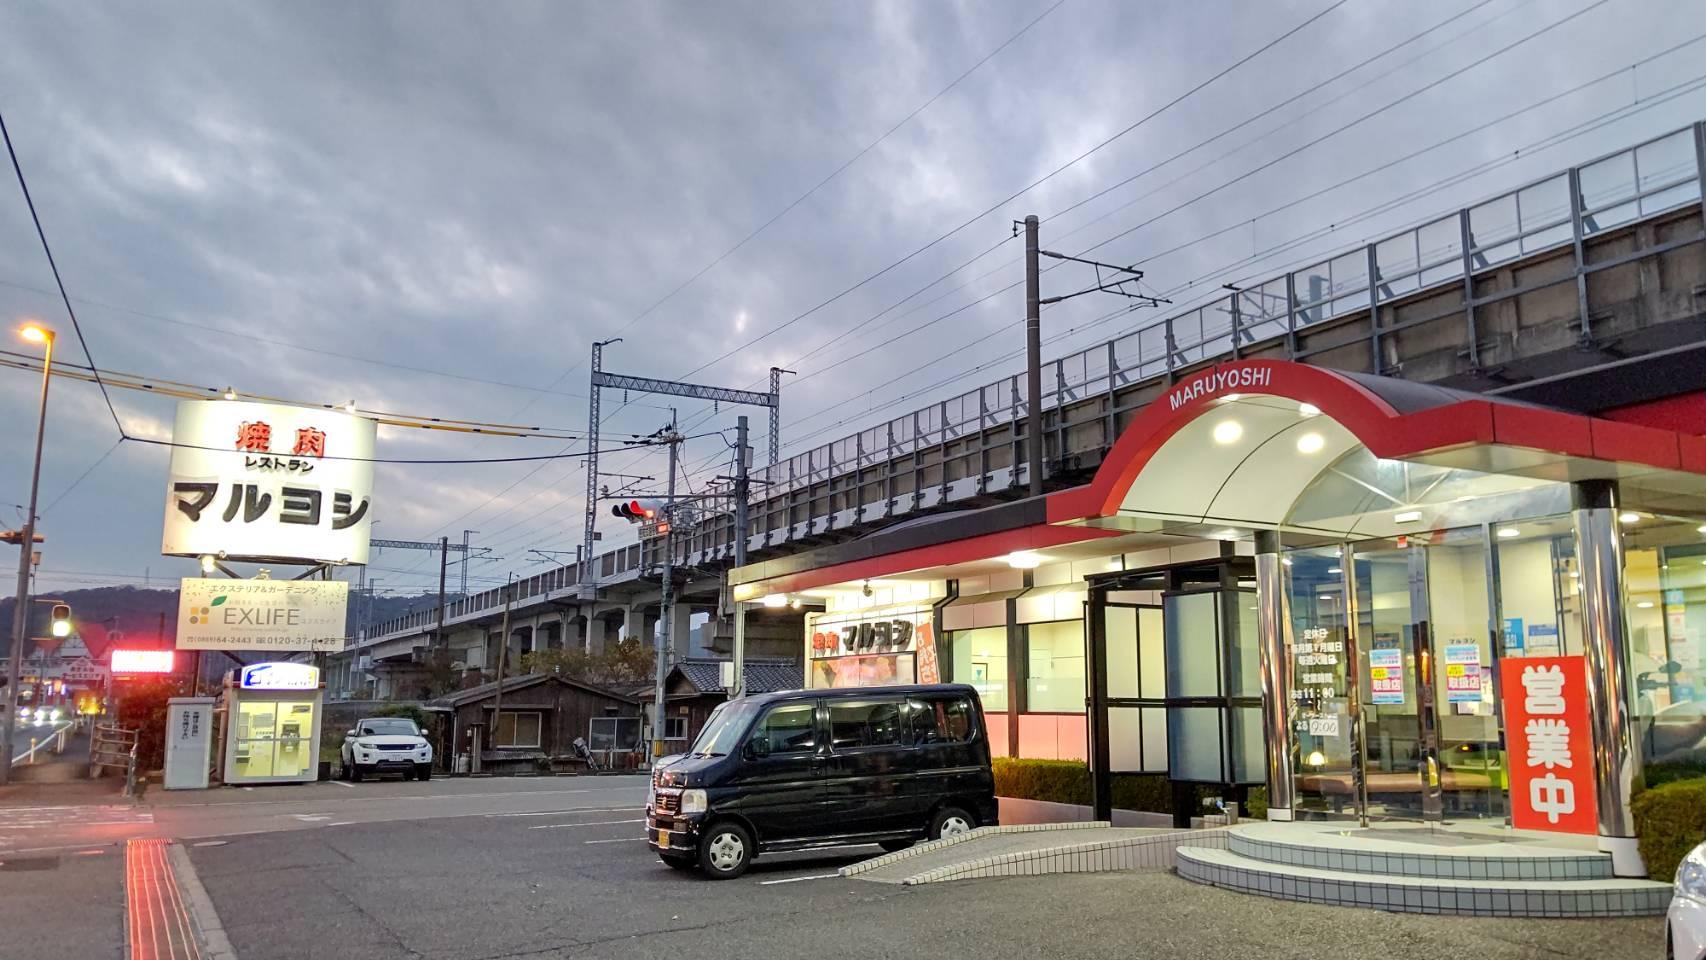 焼肉レストラン マルヨシ-1